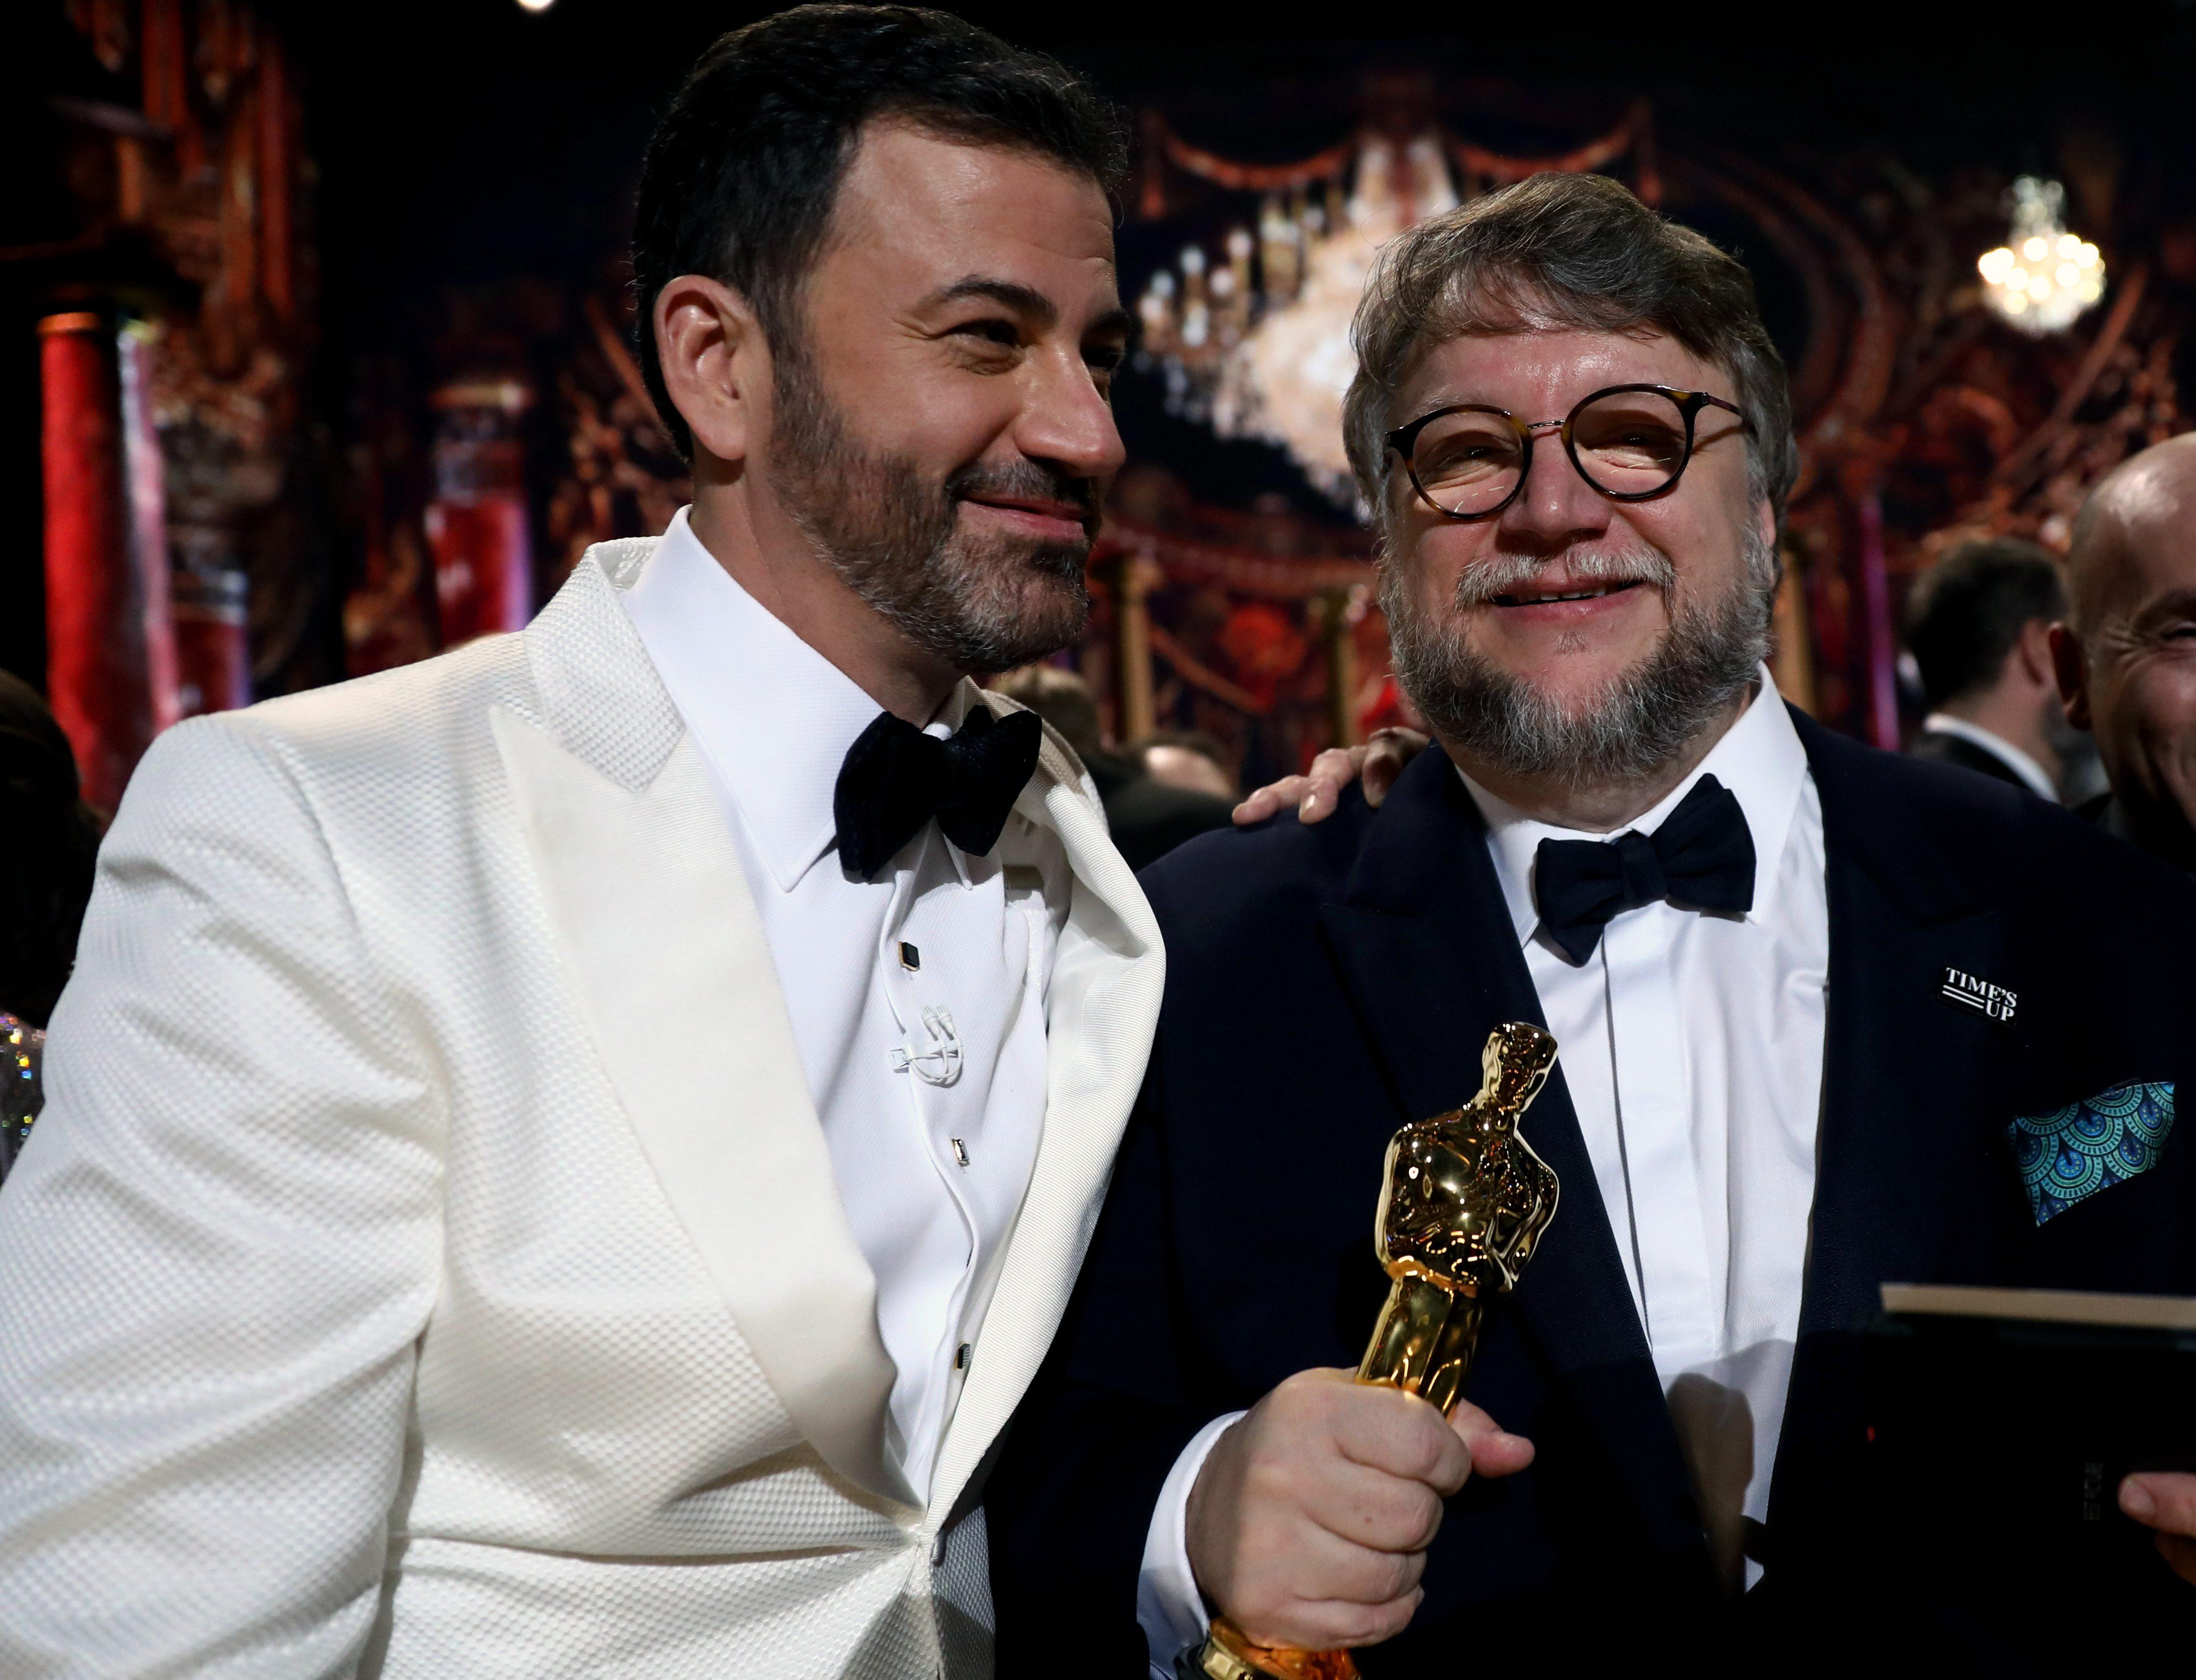 Academy Awards: Kimmel mentions Weinstein, offers award for shortest speech, in monologue